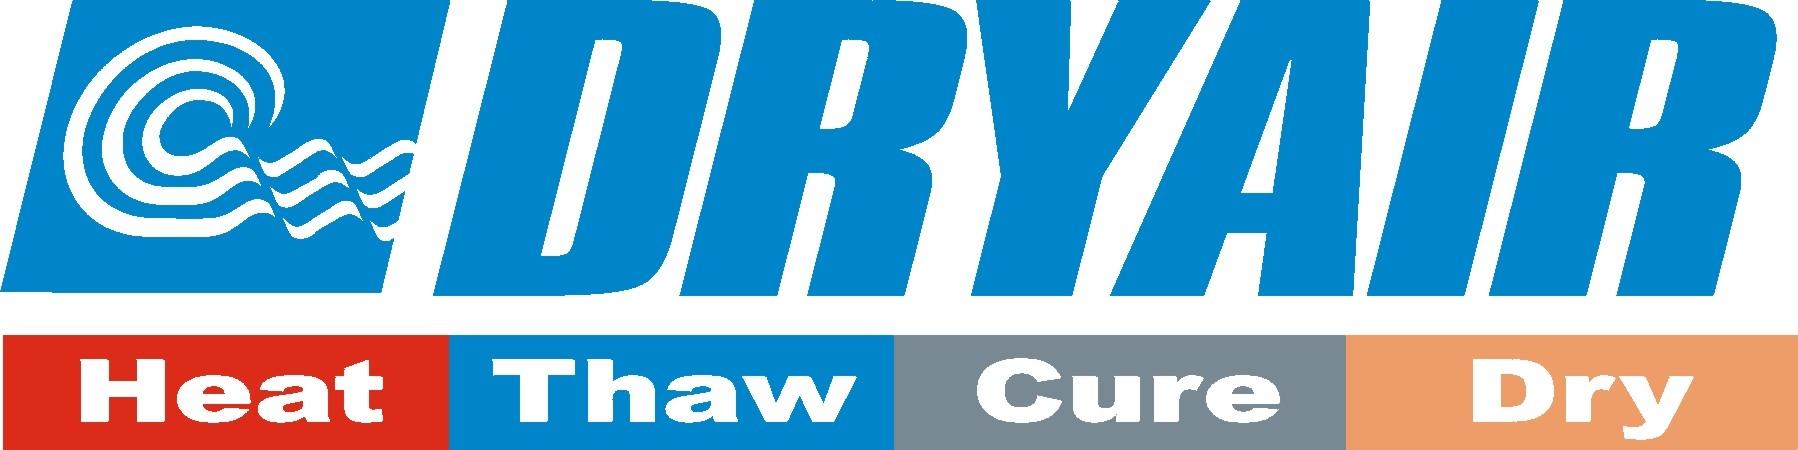 dryair logo